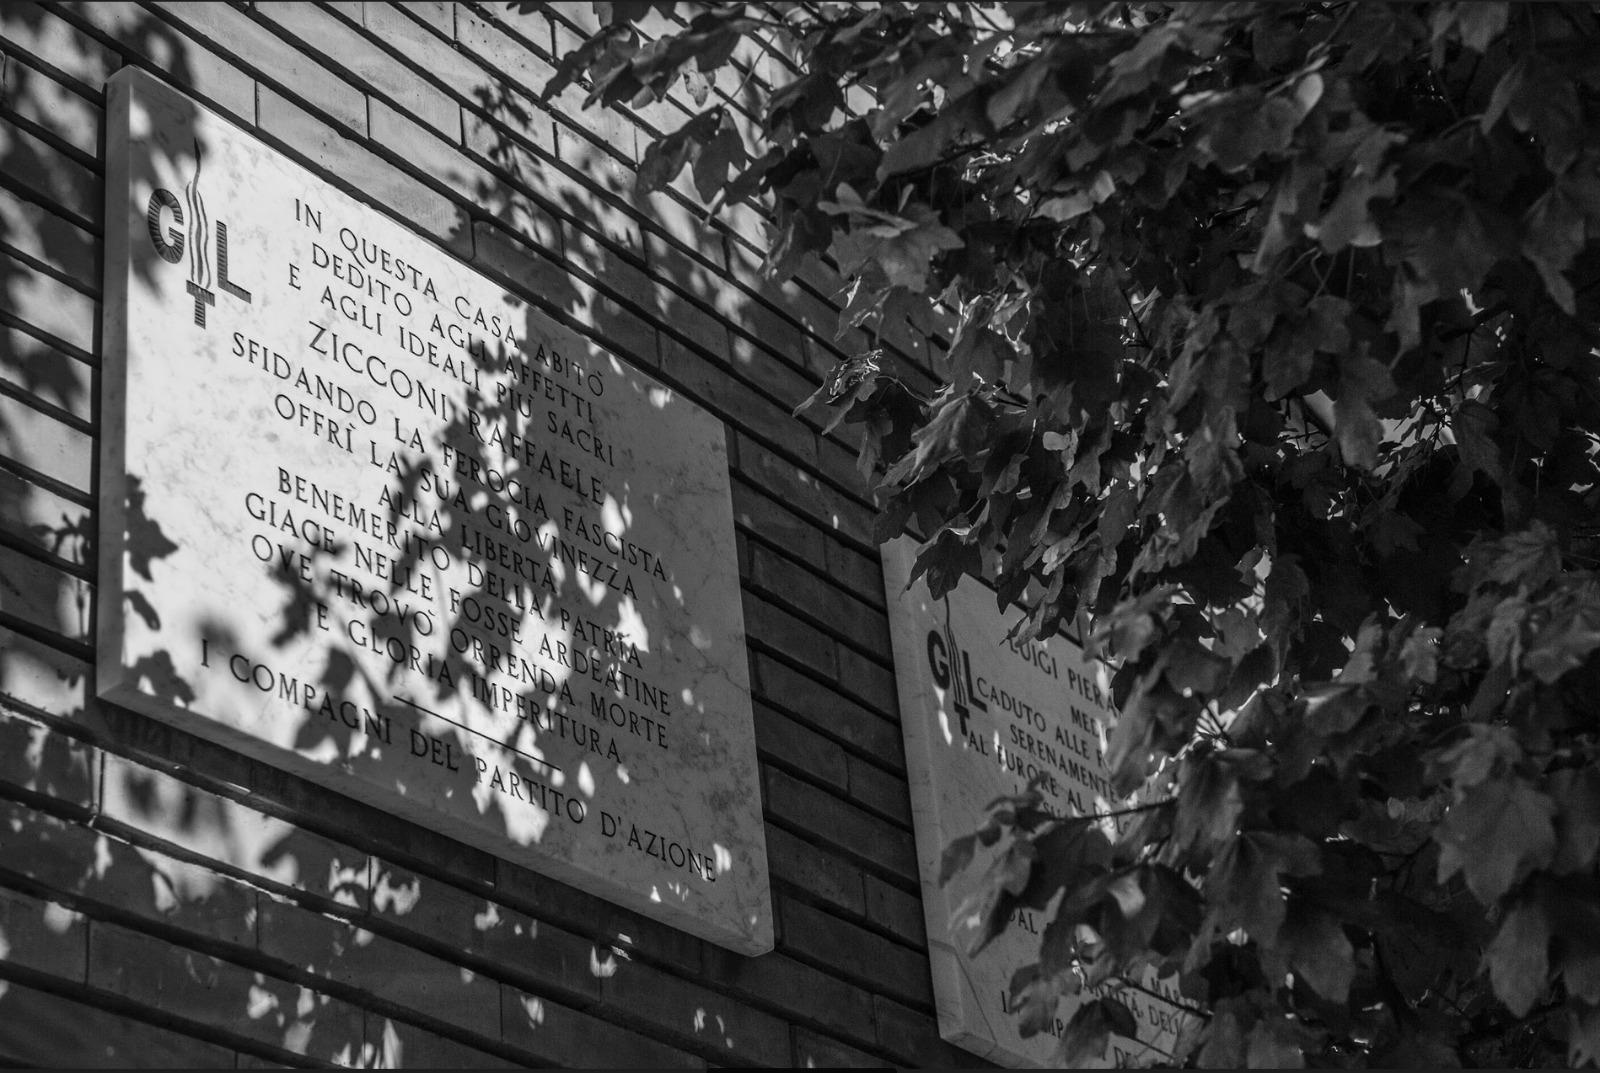 LE DUE TARGHE Le targhe che ricordano Pierantoni (Foto di Antonio Tiso)